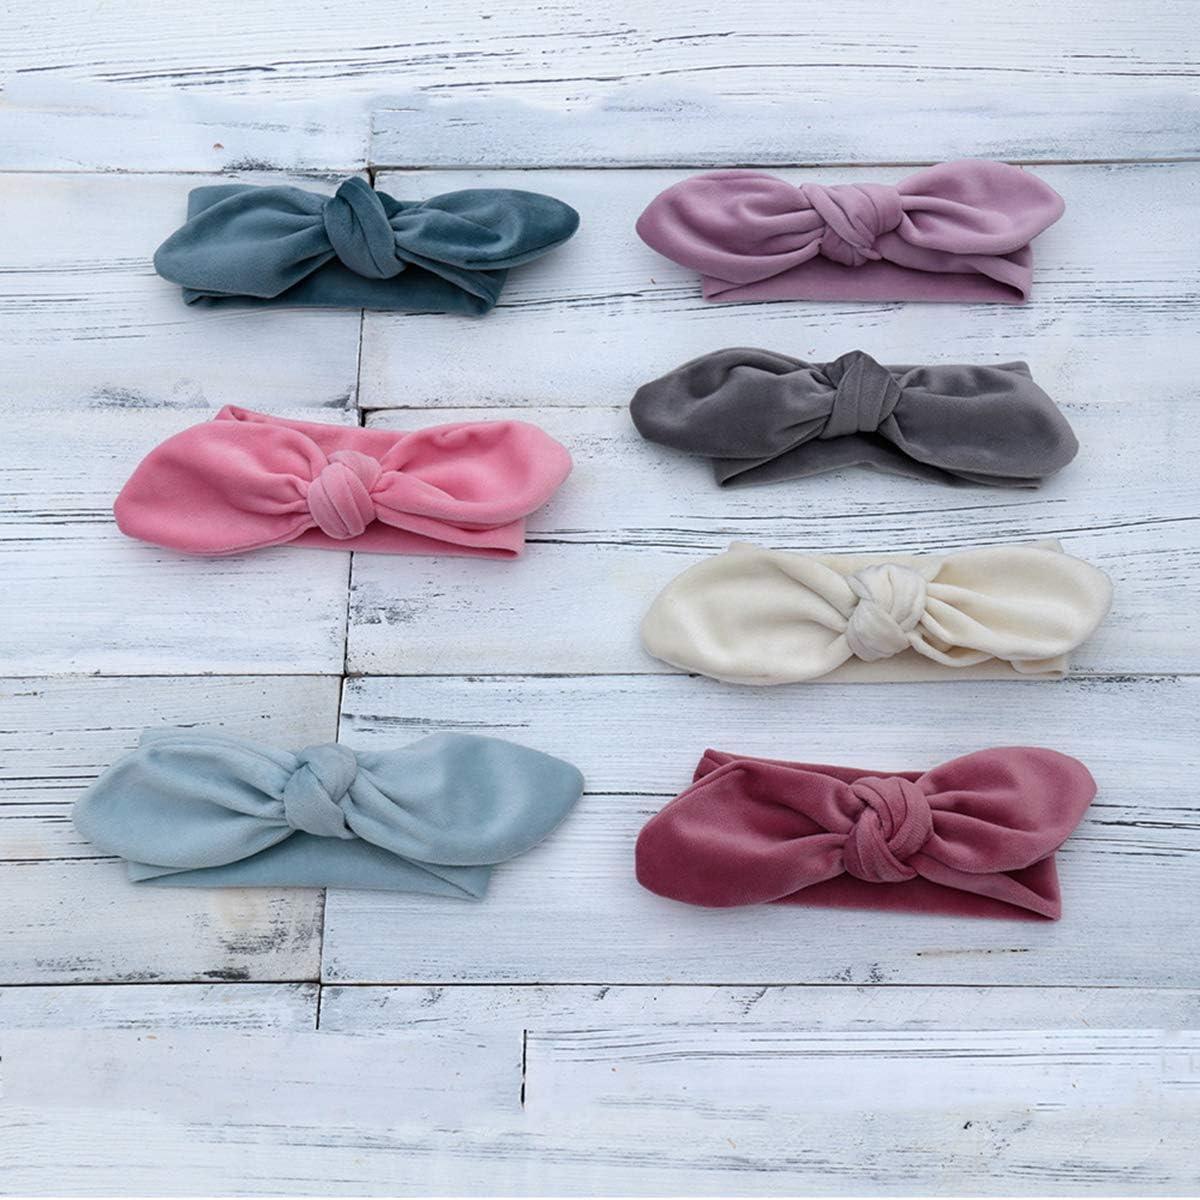 Stirnband Neugeborene Dusche Geschenk f/ür Das Schie/ßen Aisheny 2 St/ück Baby Fotografie Requisiten Super Weiches Samt Posing Kissen